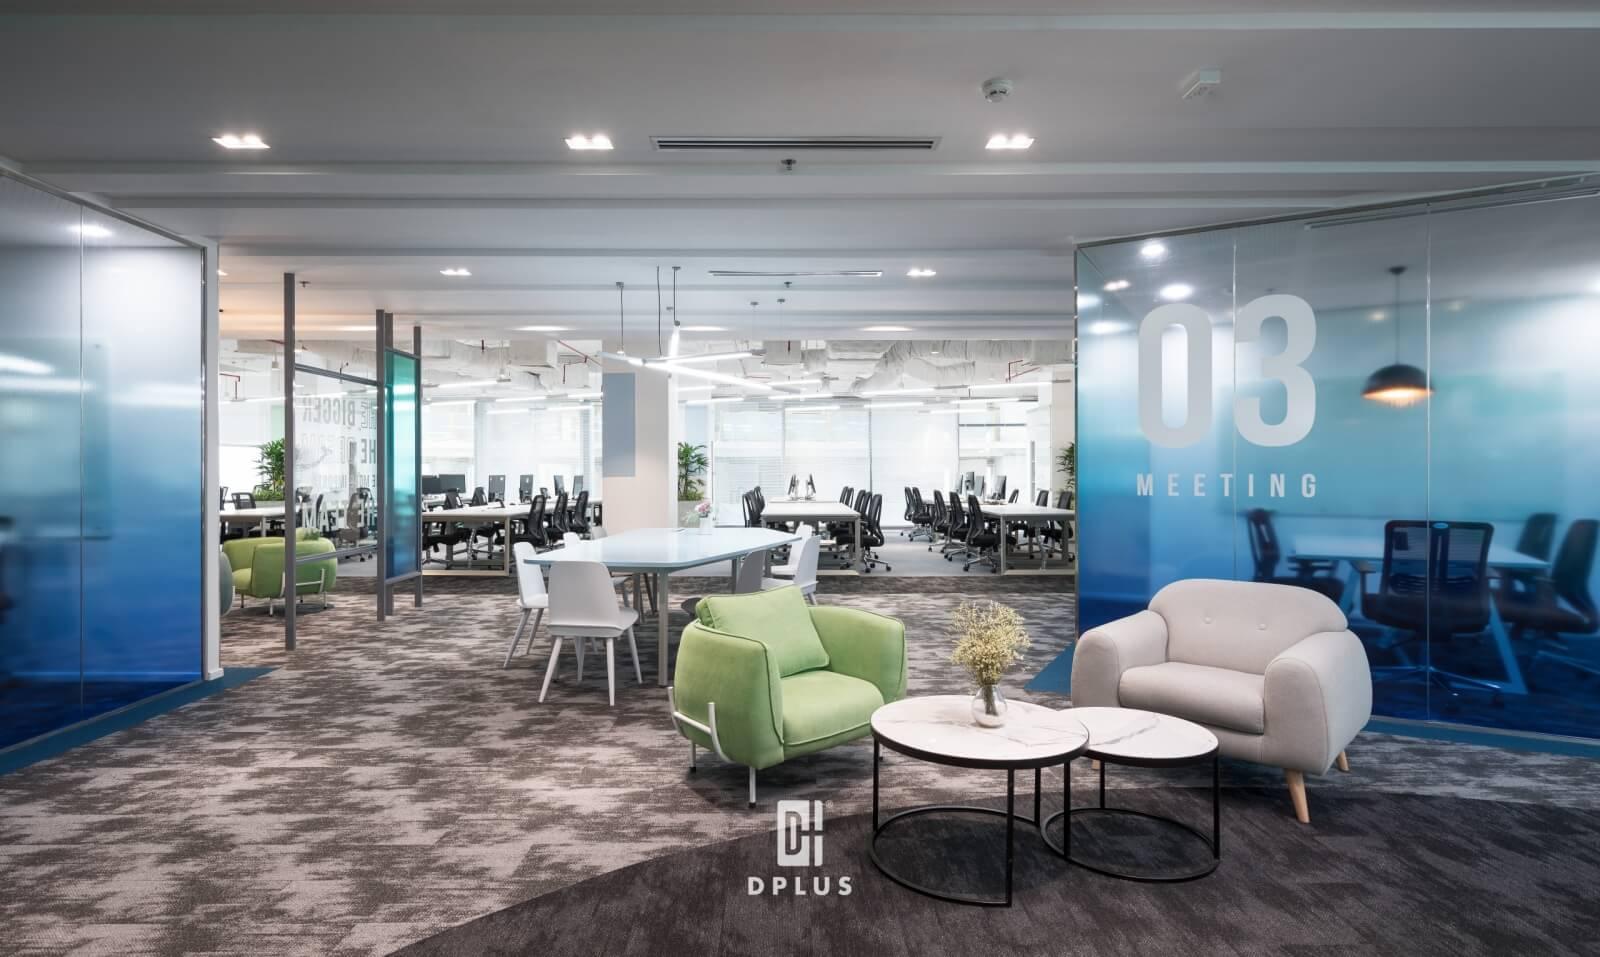 Báo giá thiết kế nội thất văn phòng theo diện tích